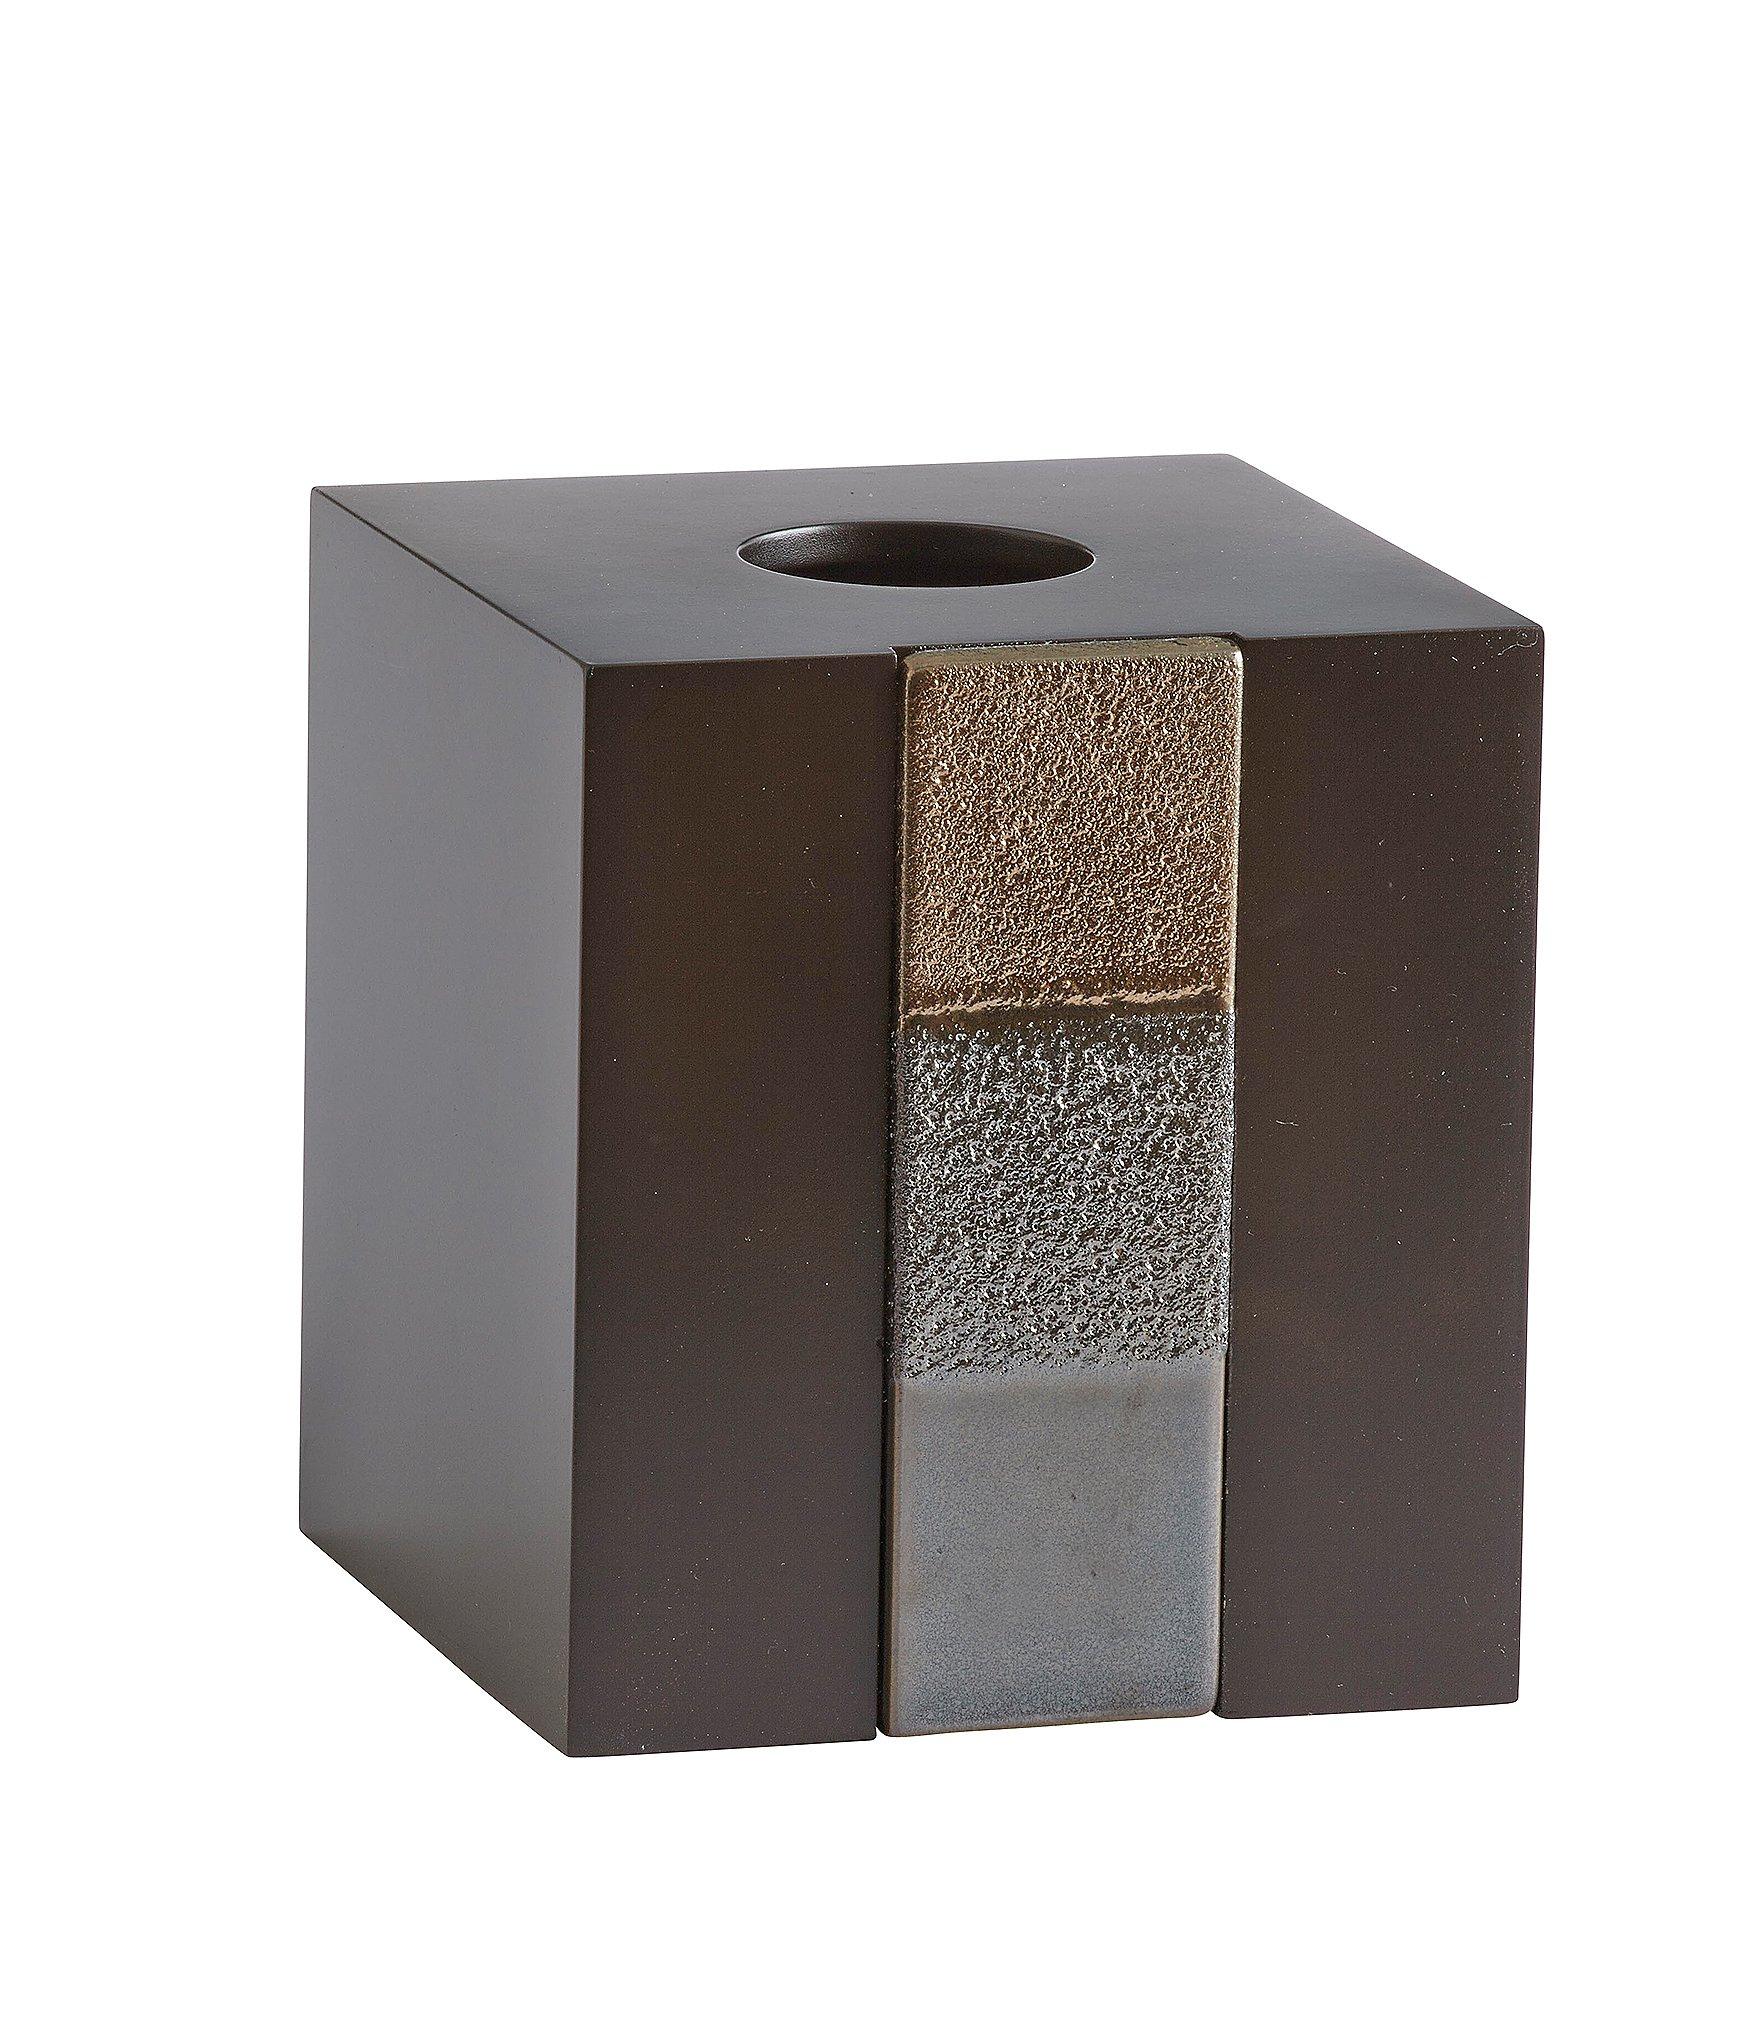 Croscill tribeca tissue holder dillards for Dillards bathroom accessories